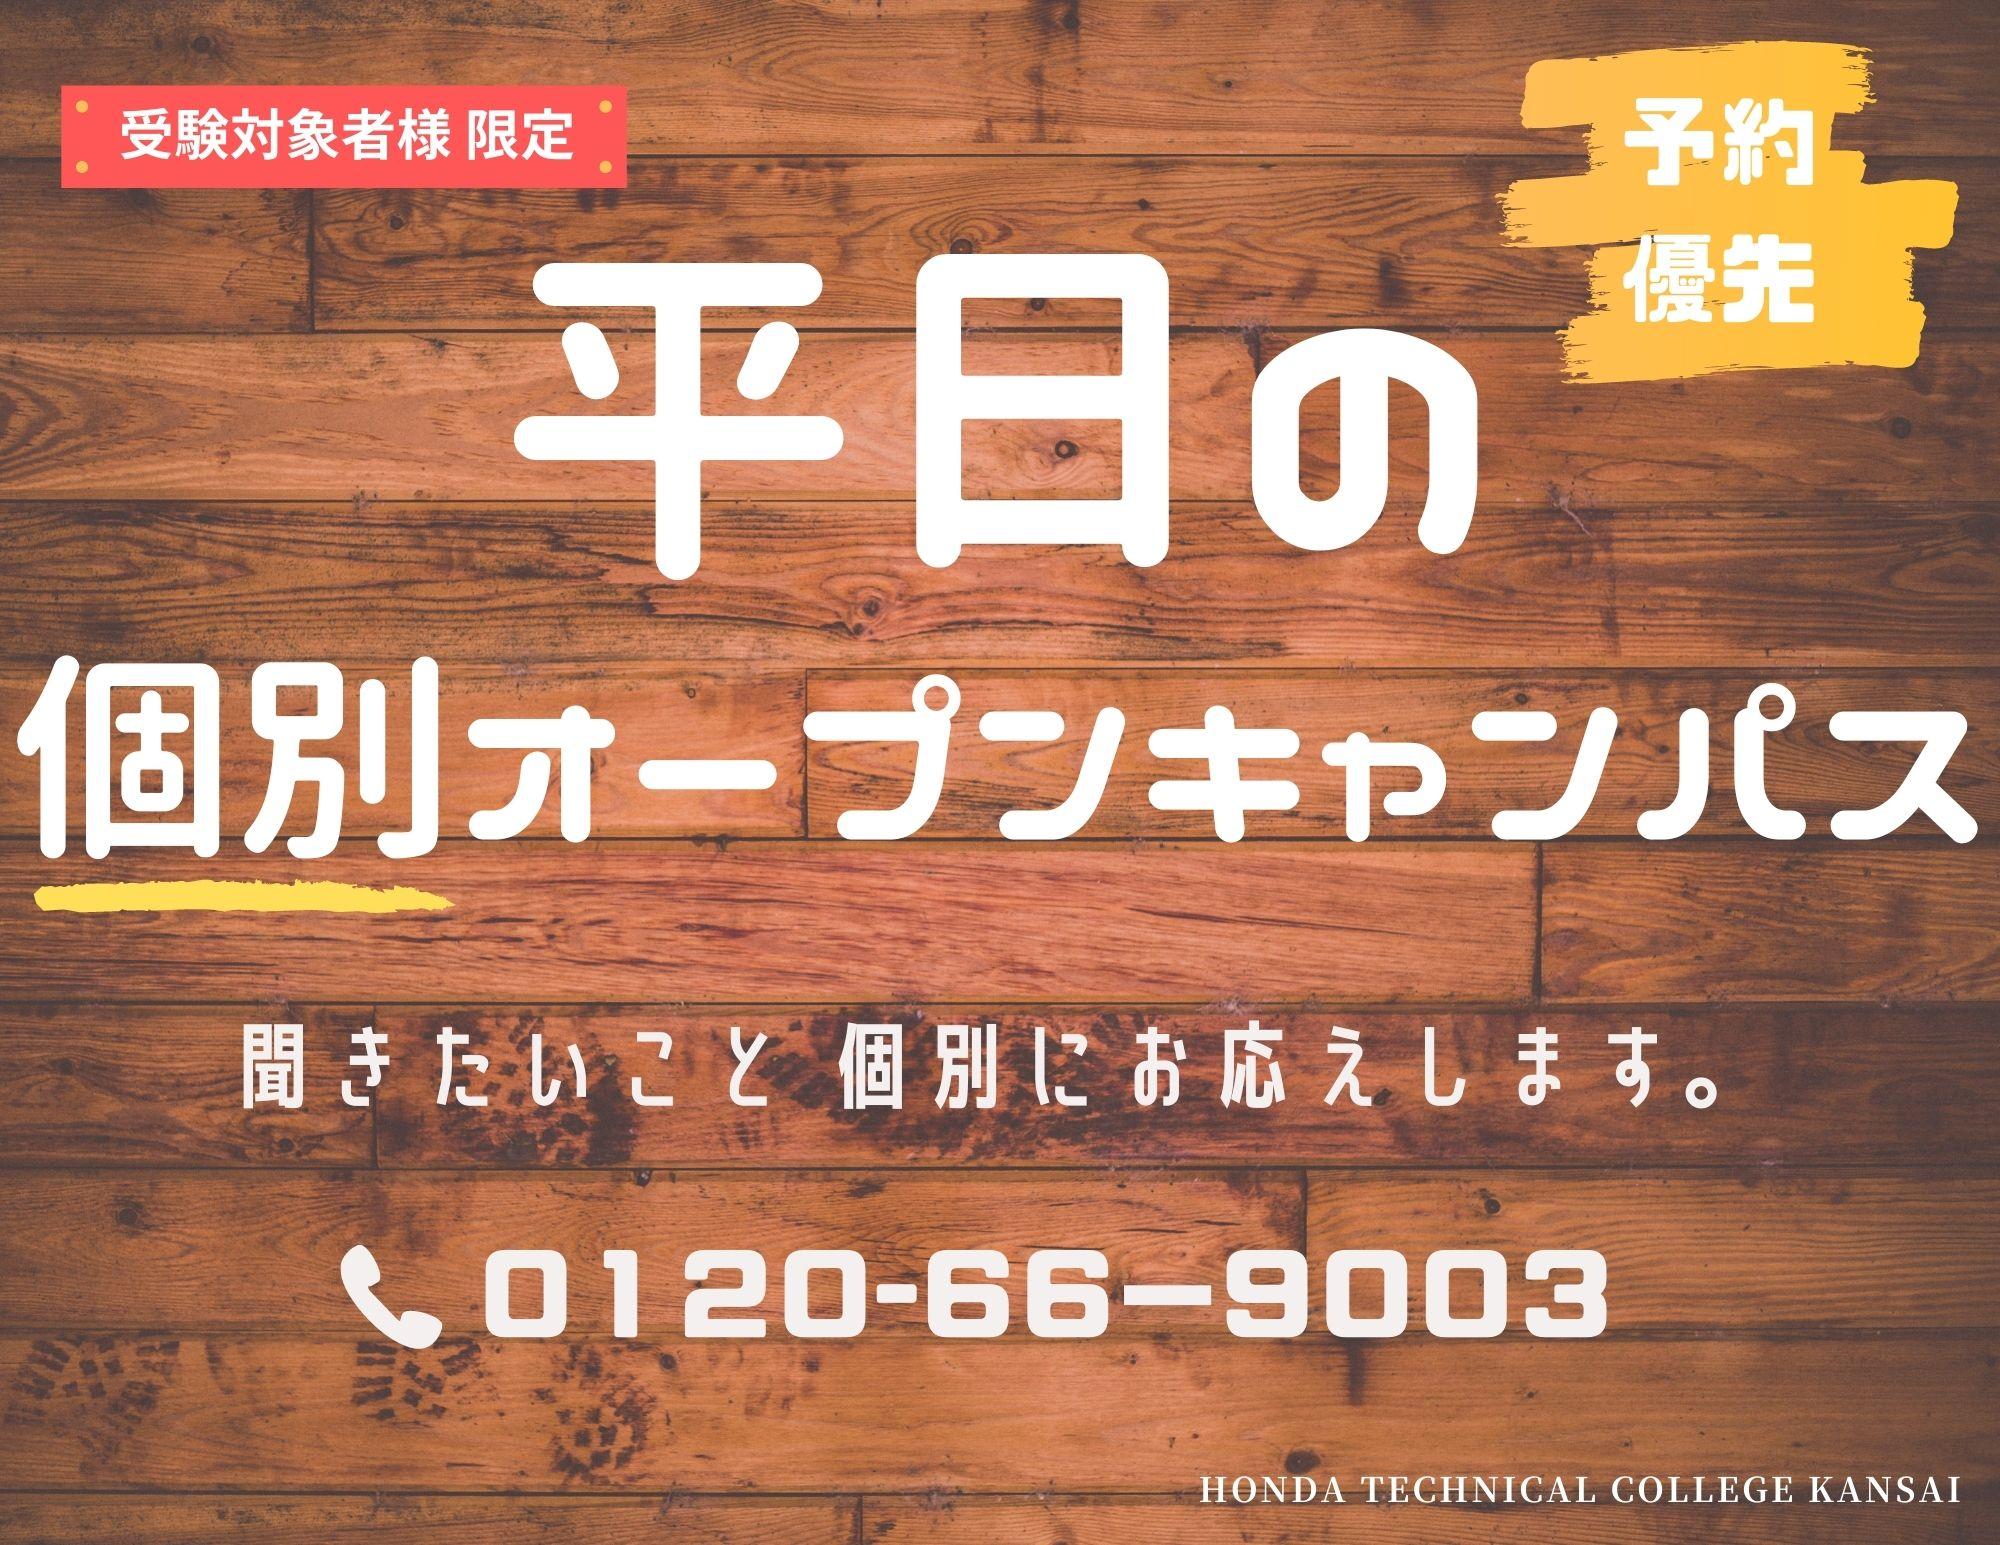 【個別対応】平日のオープンキャンパス受付中!